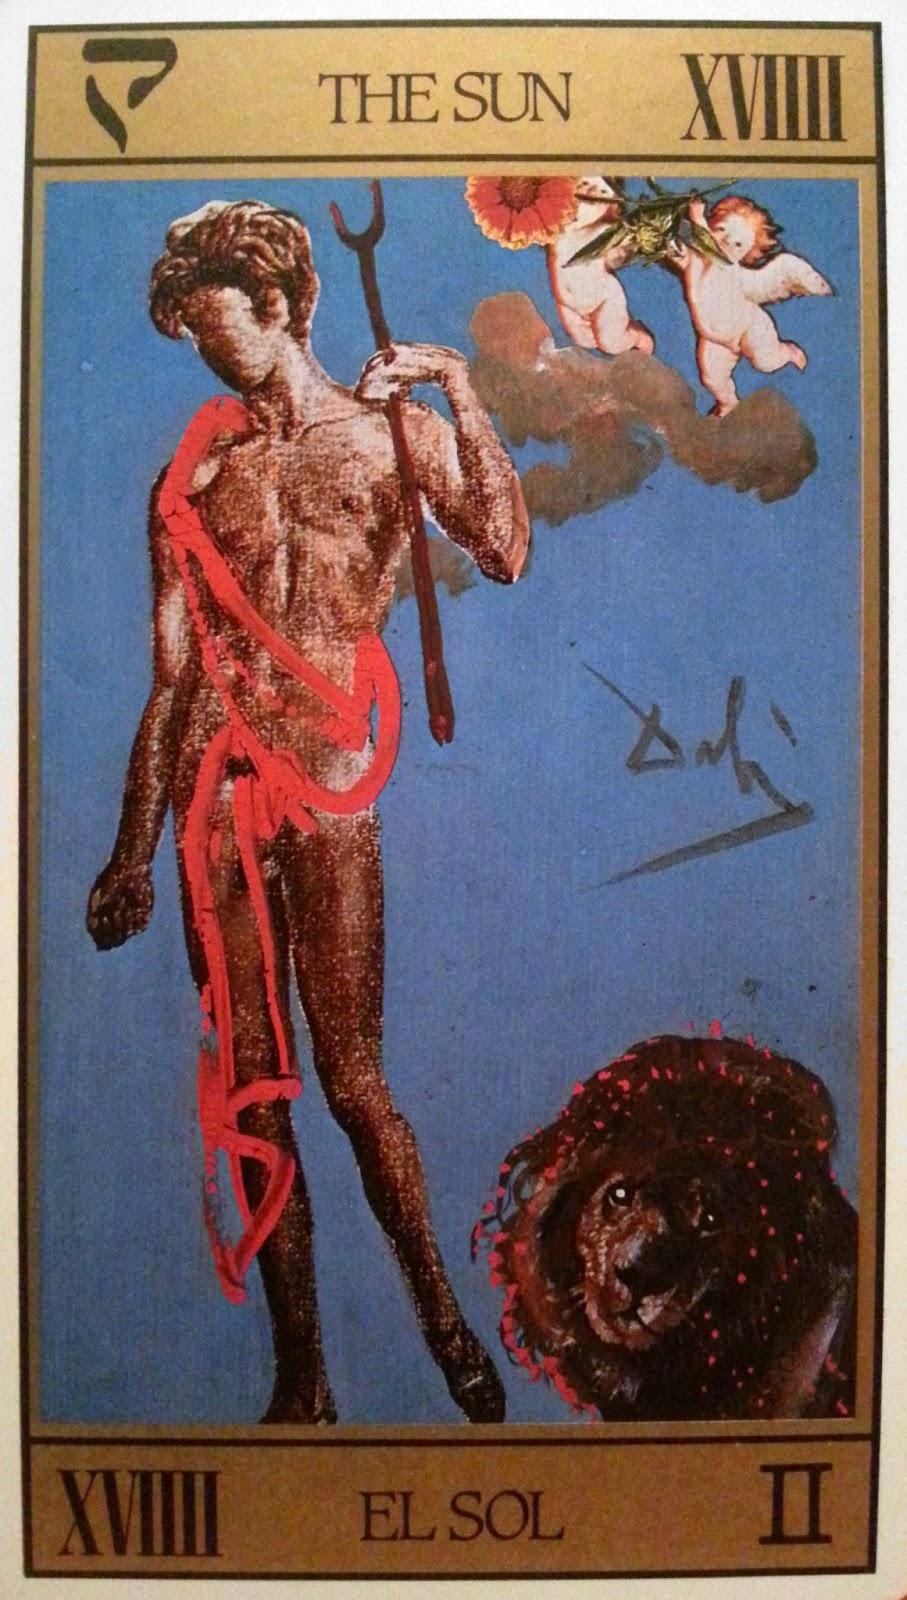 El Sol. Tarot de Dali